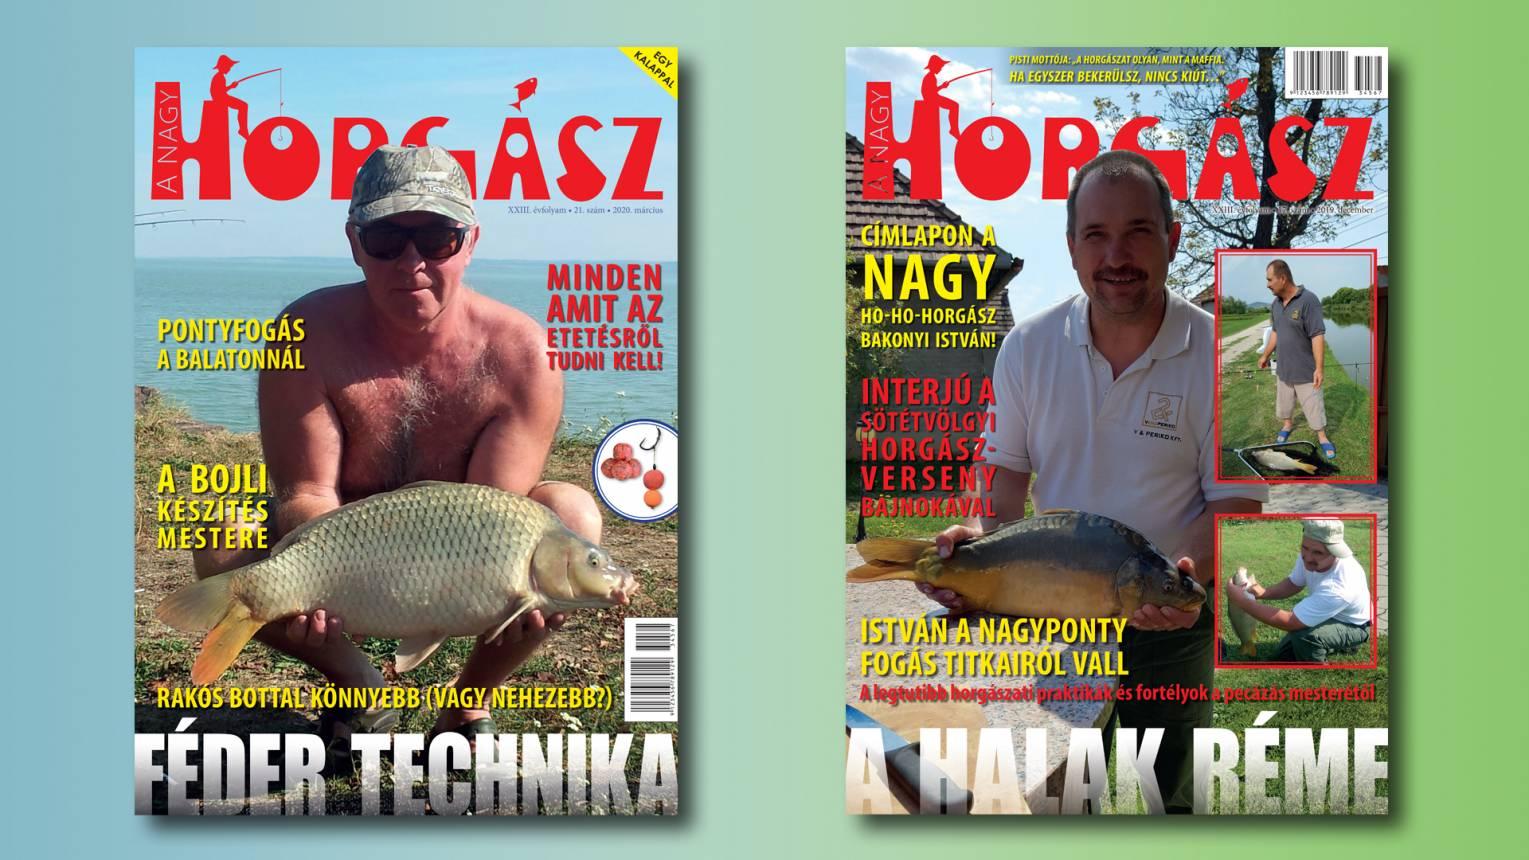 Barátod, párod A nagy horgász címlapján